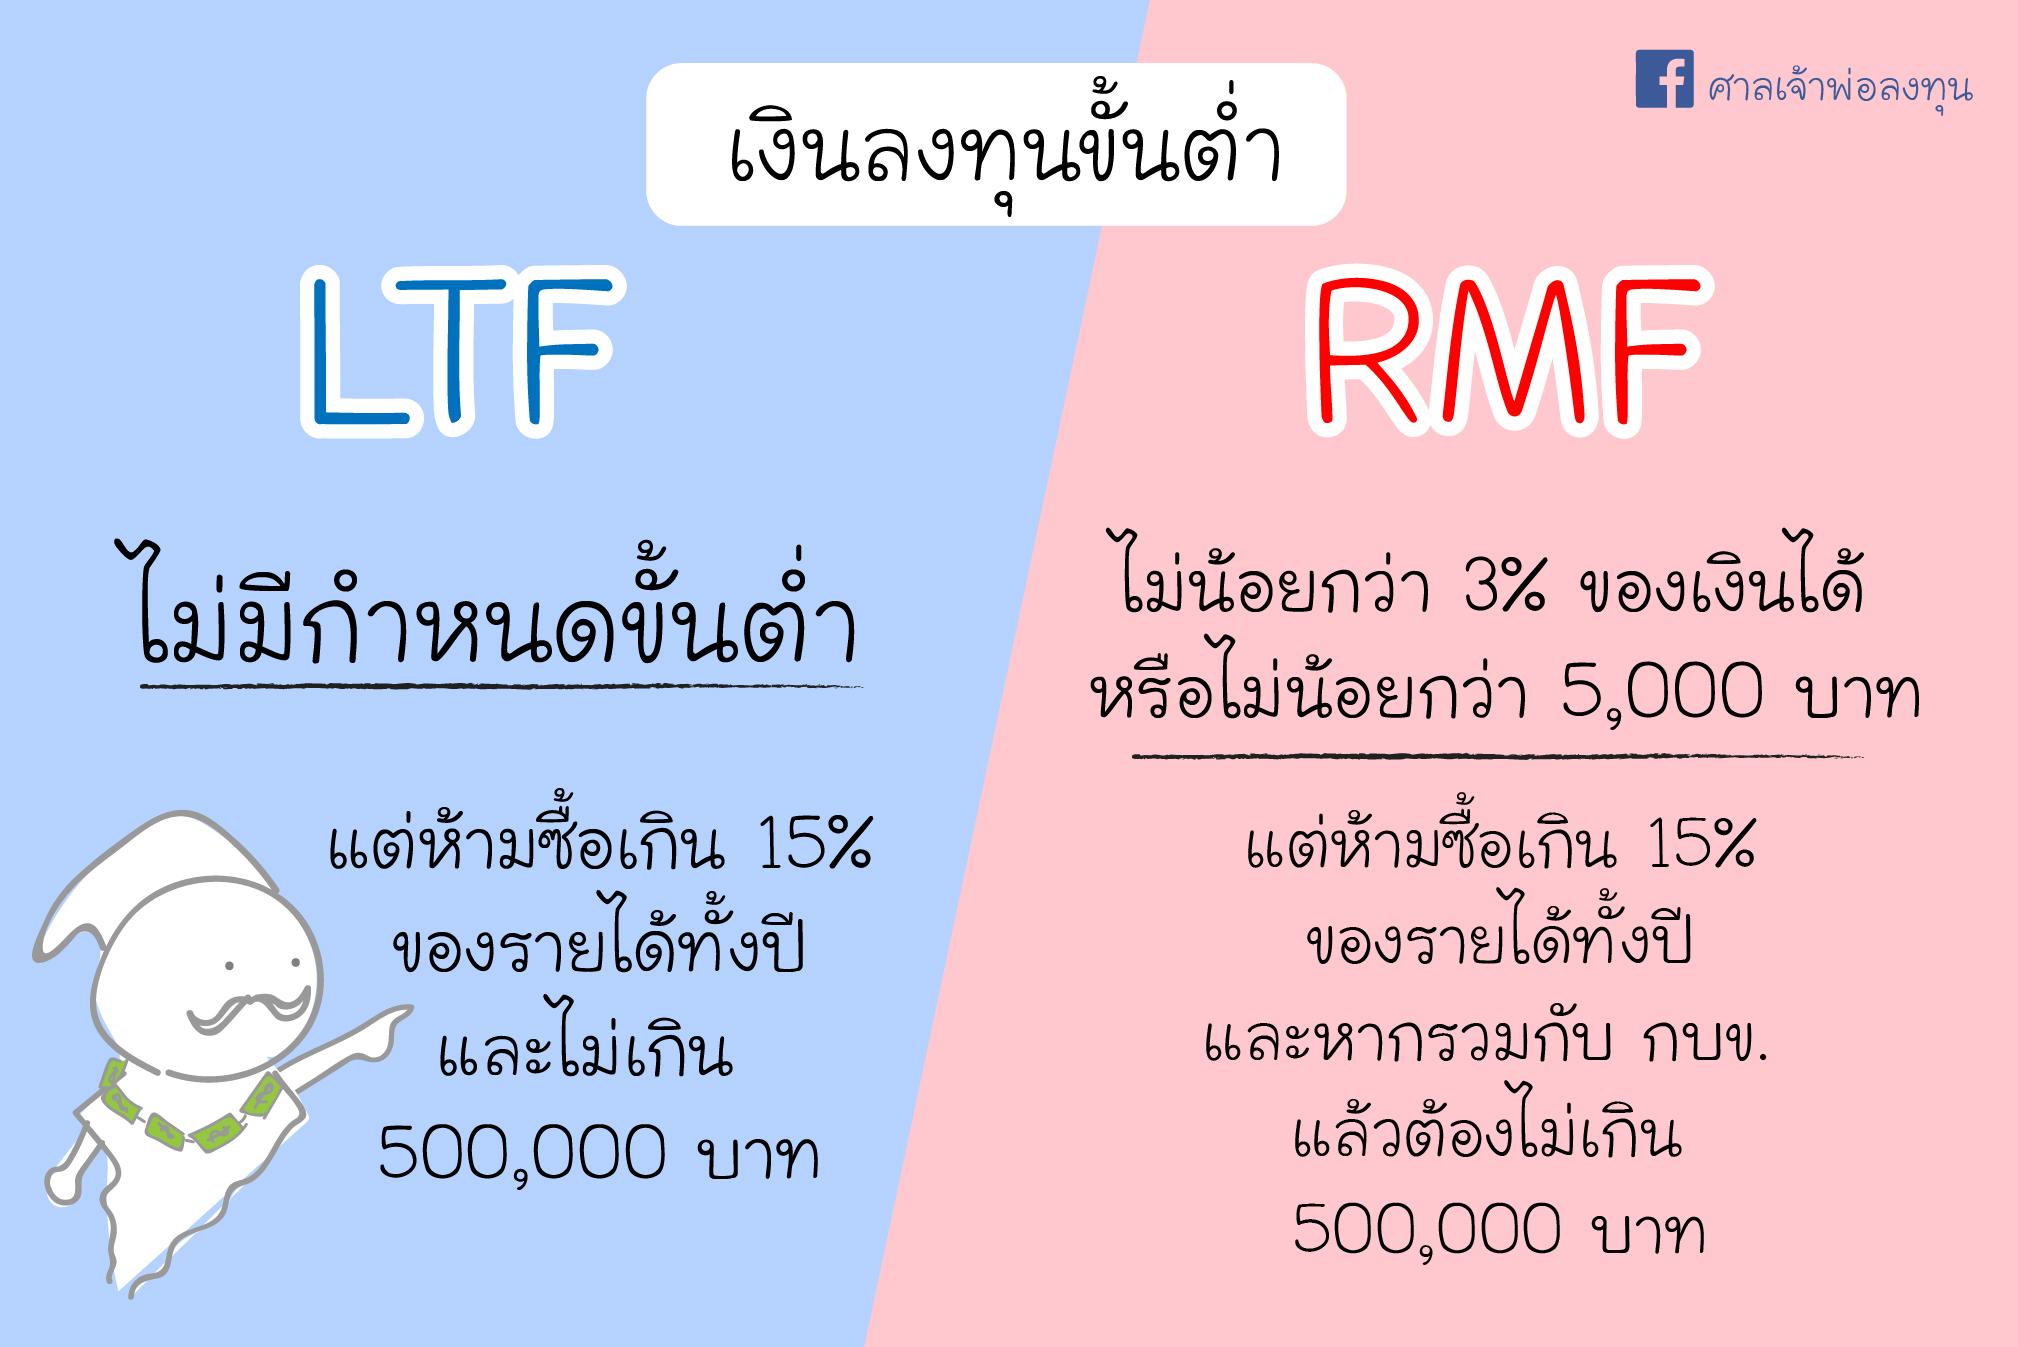 ศาลเจ้าพ่อลงทุน - LTF vs RMF-04